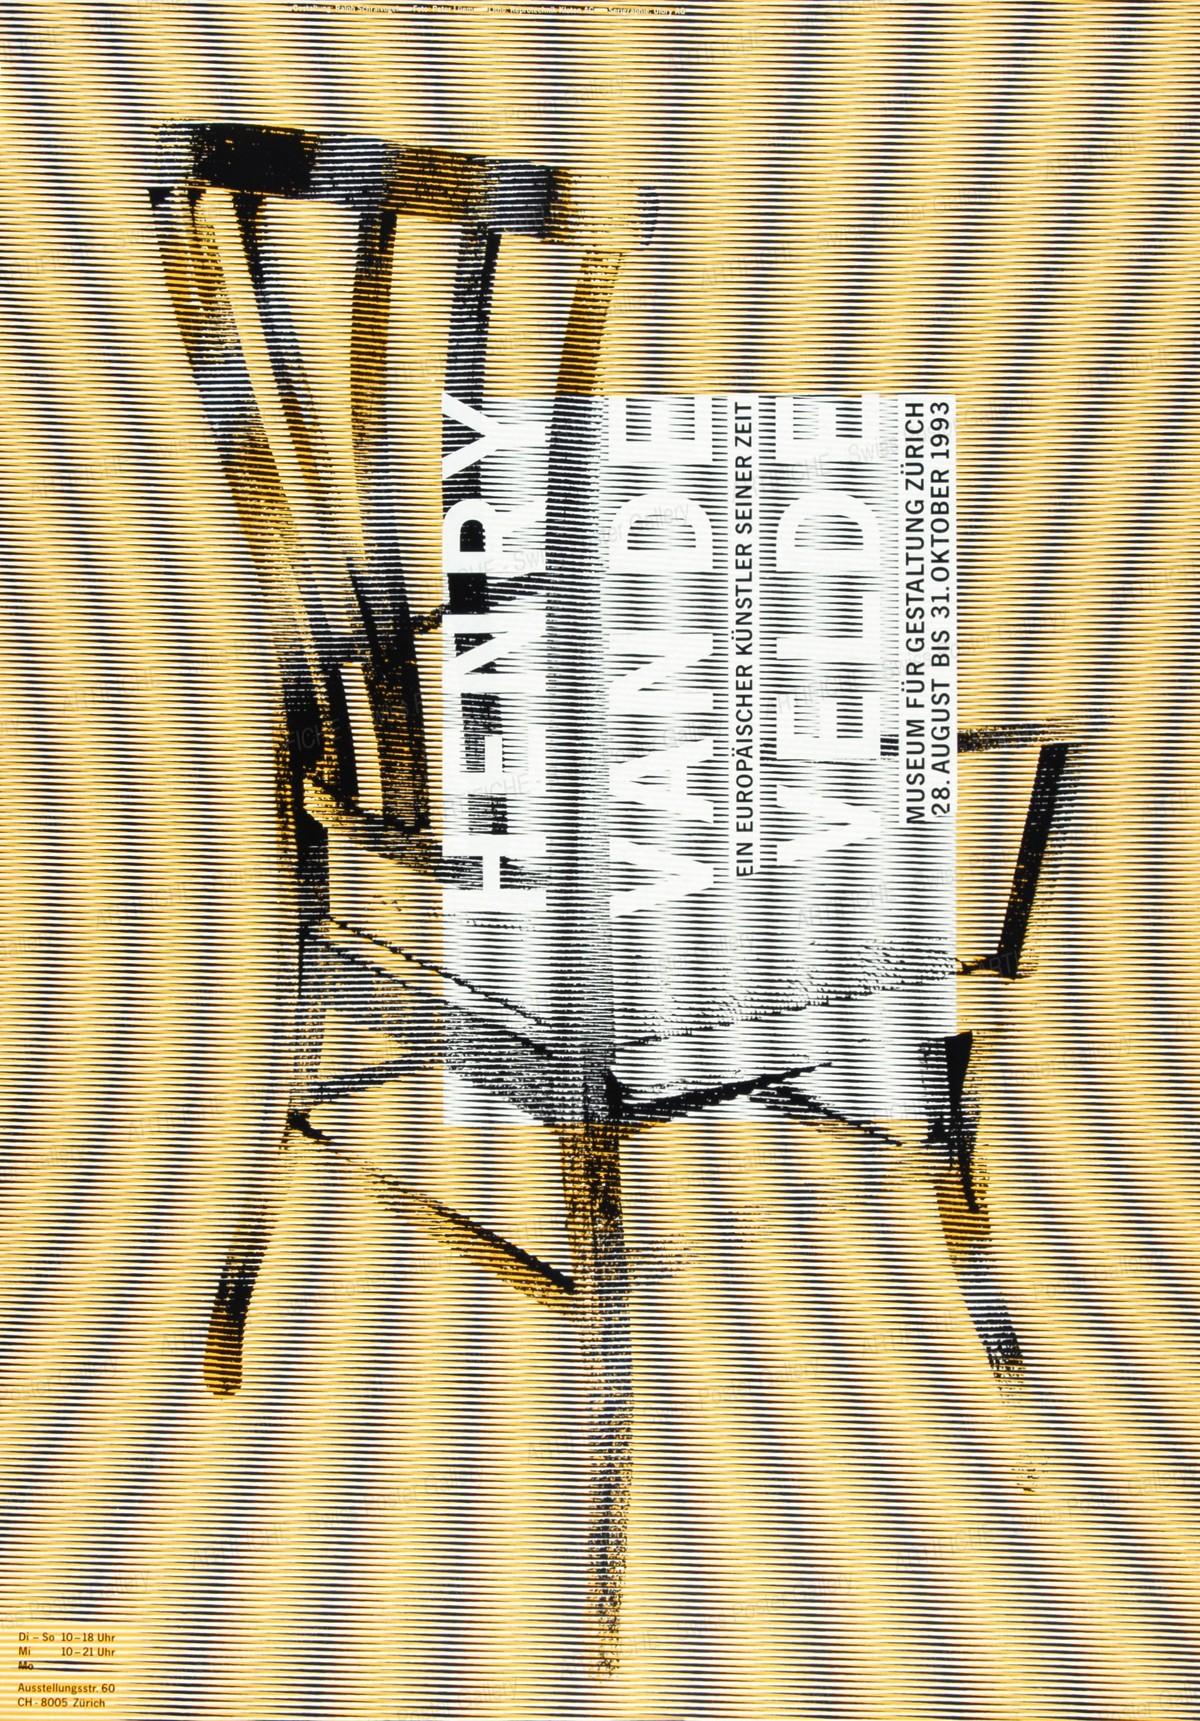 Zurich Museum of Design – Henry Van de Velde, Ralph Schraivogel